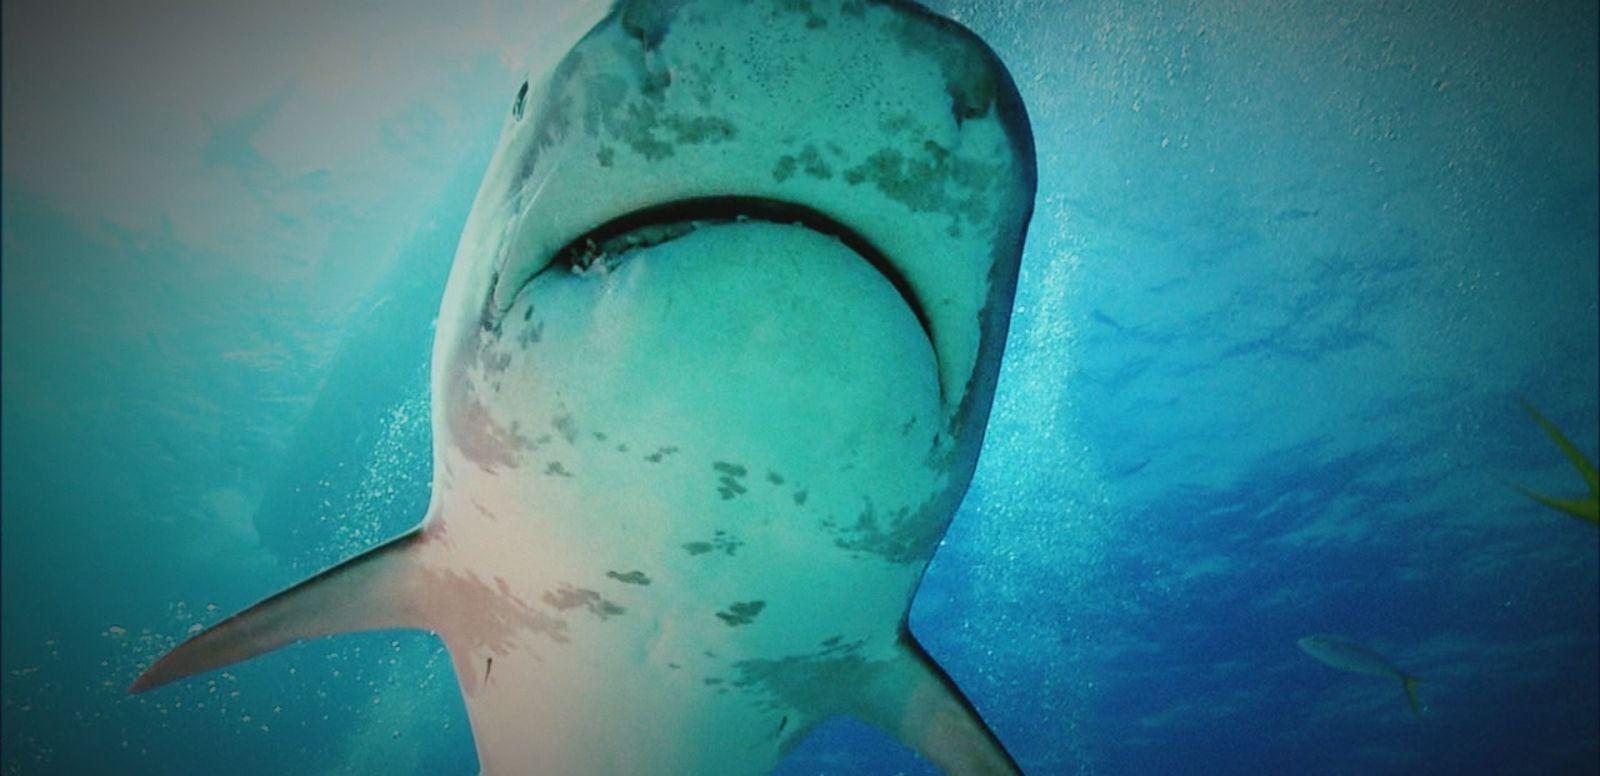 VIDEO: Concerns Over Jump in Shark Attacks in Carolinas